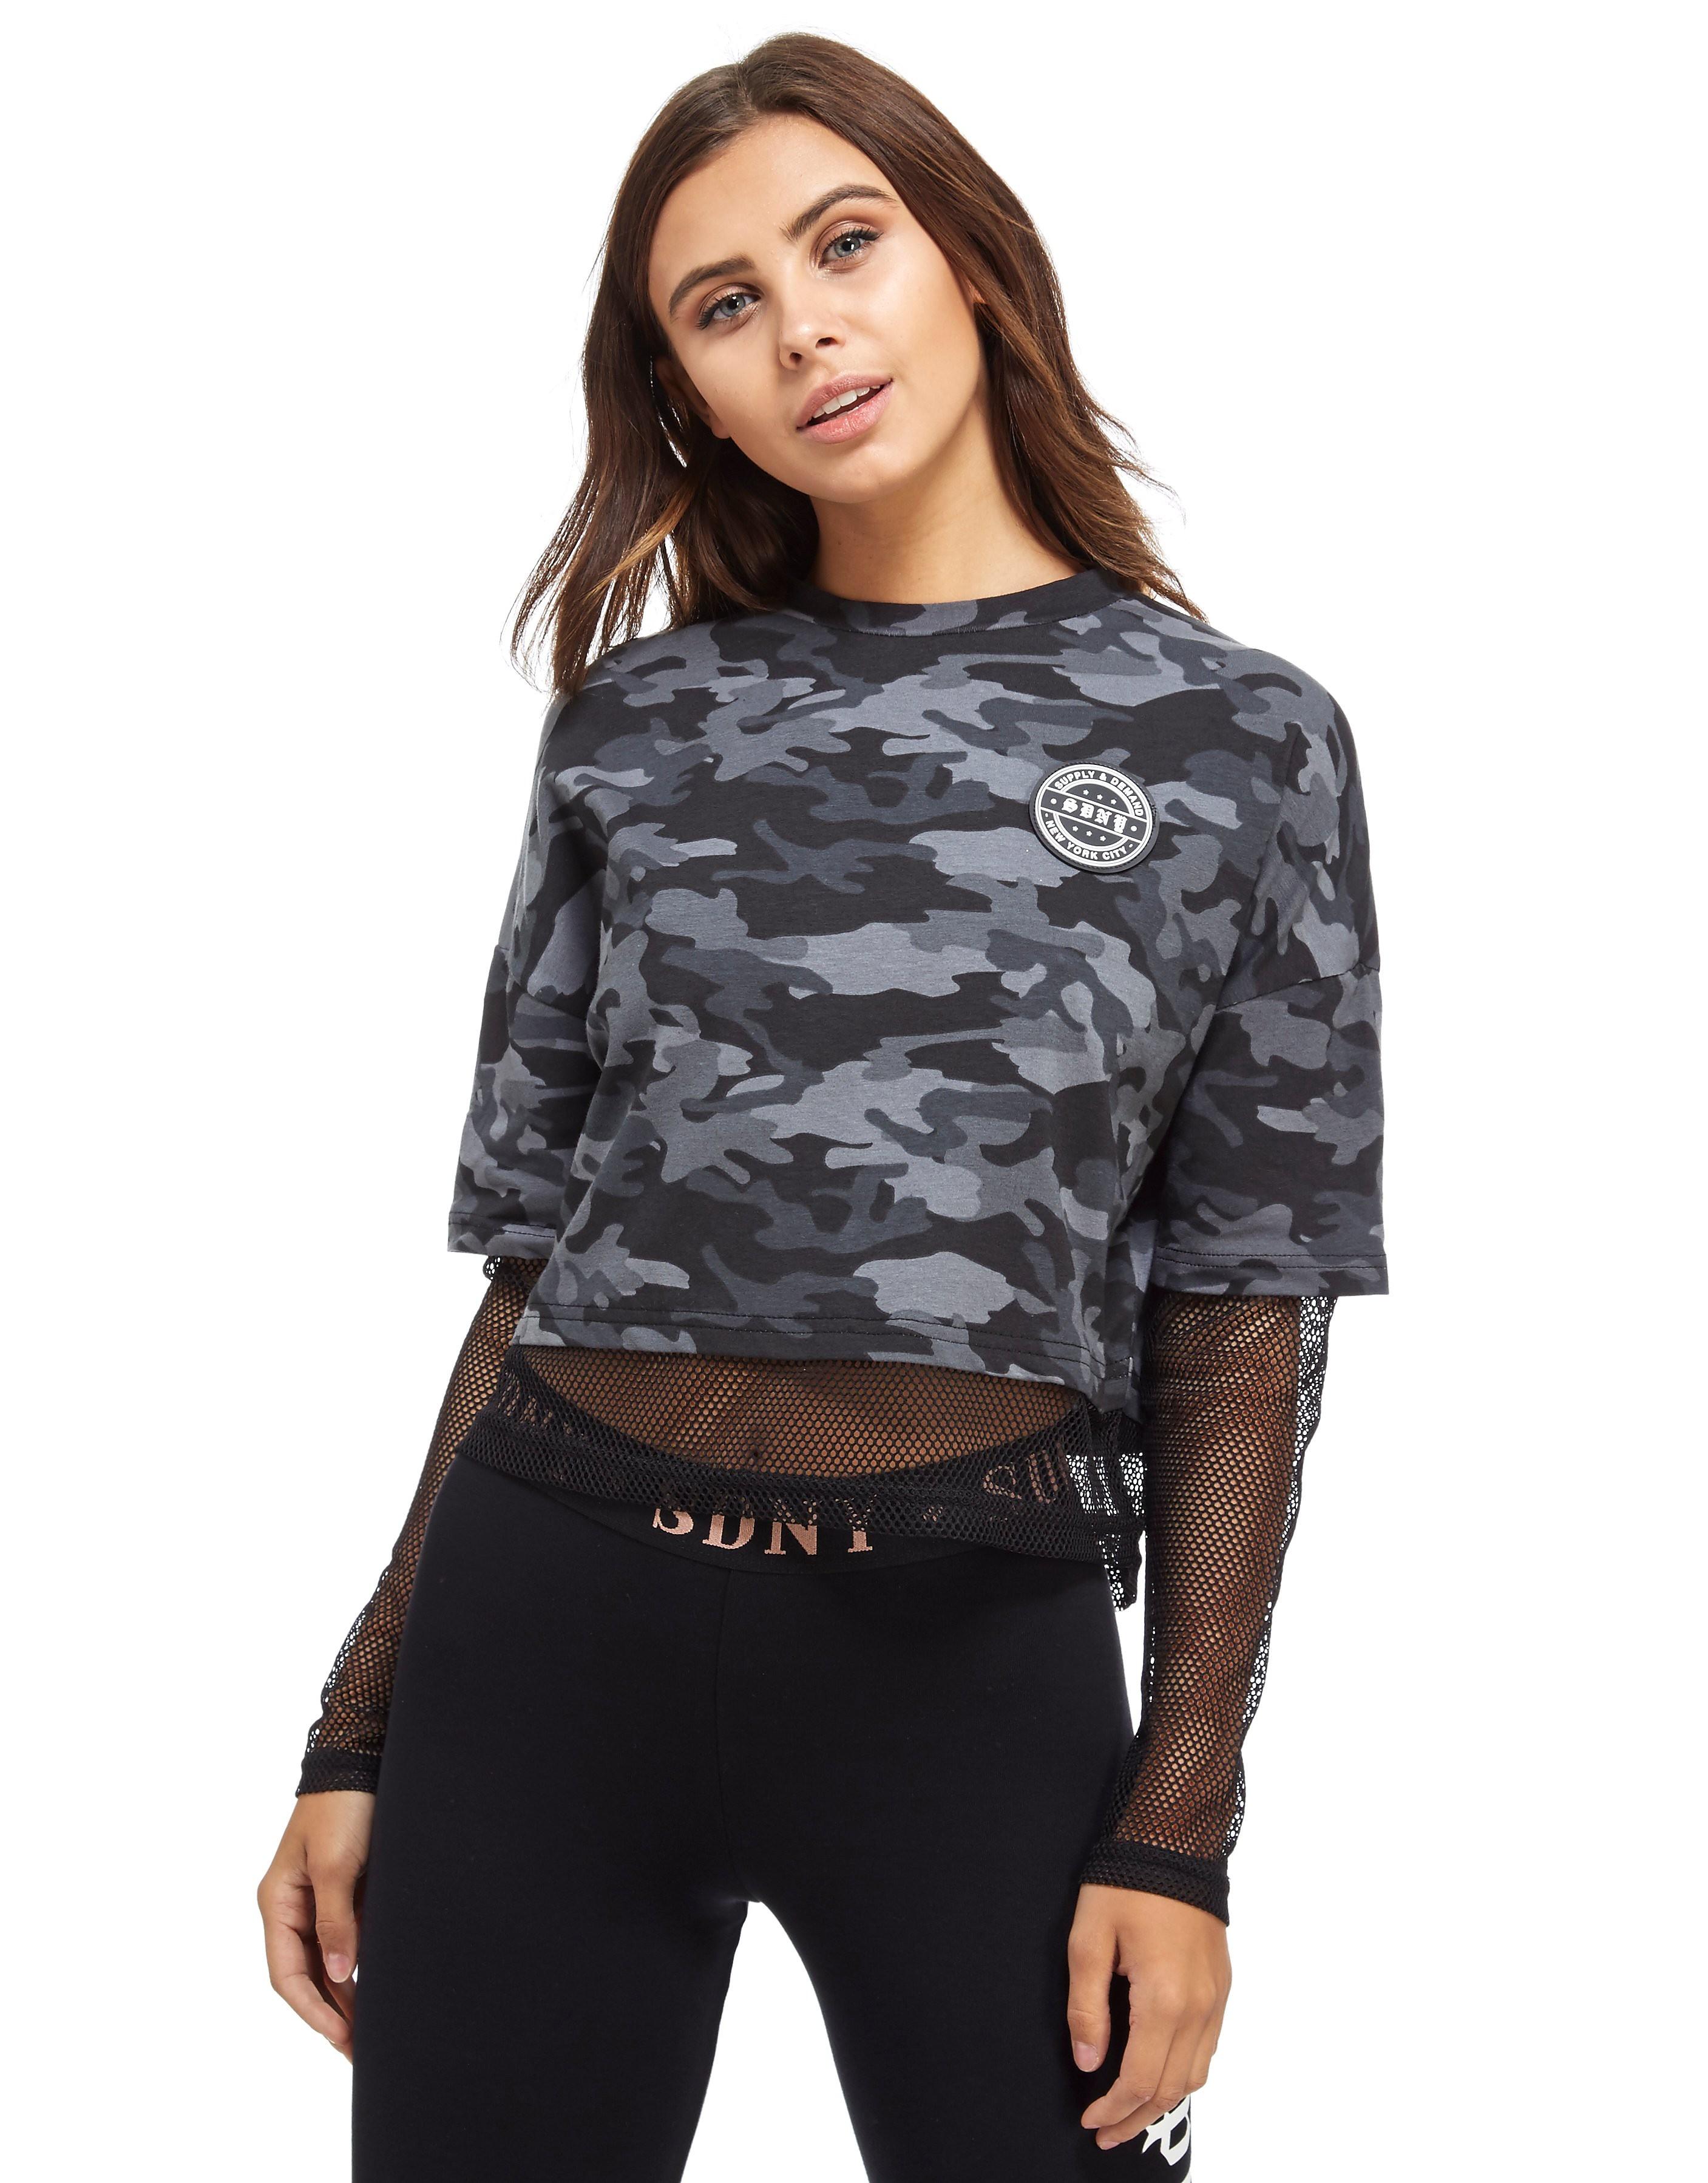 Supply & Demand T-shirt Fishnet Camo Femme